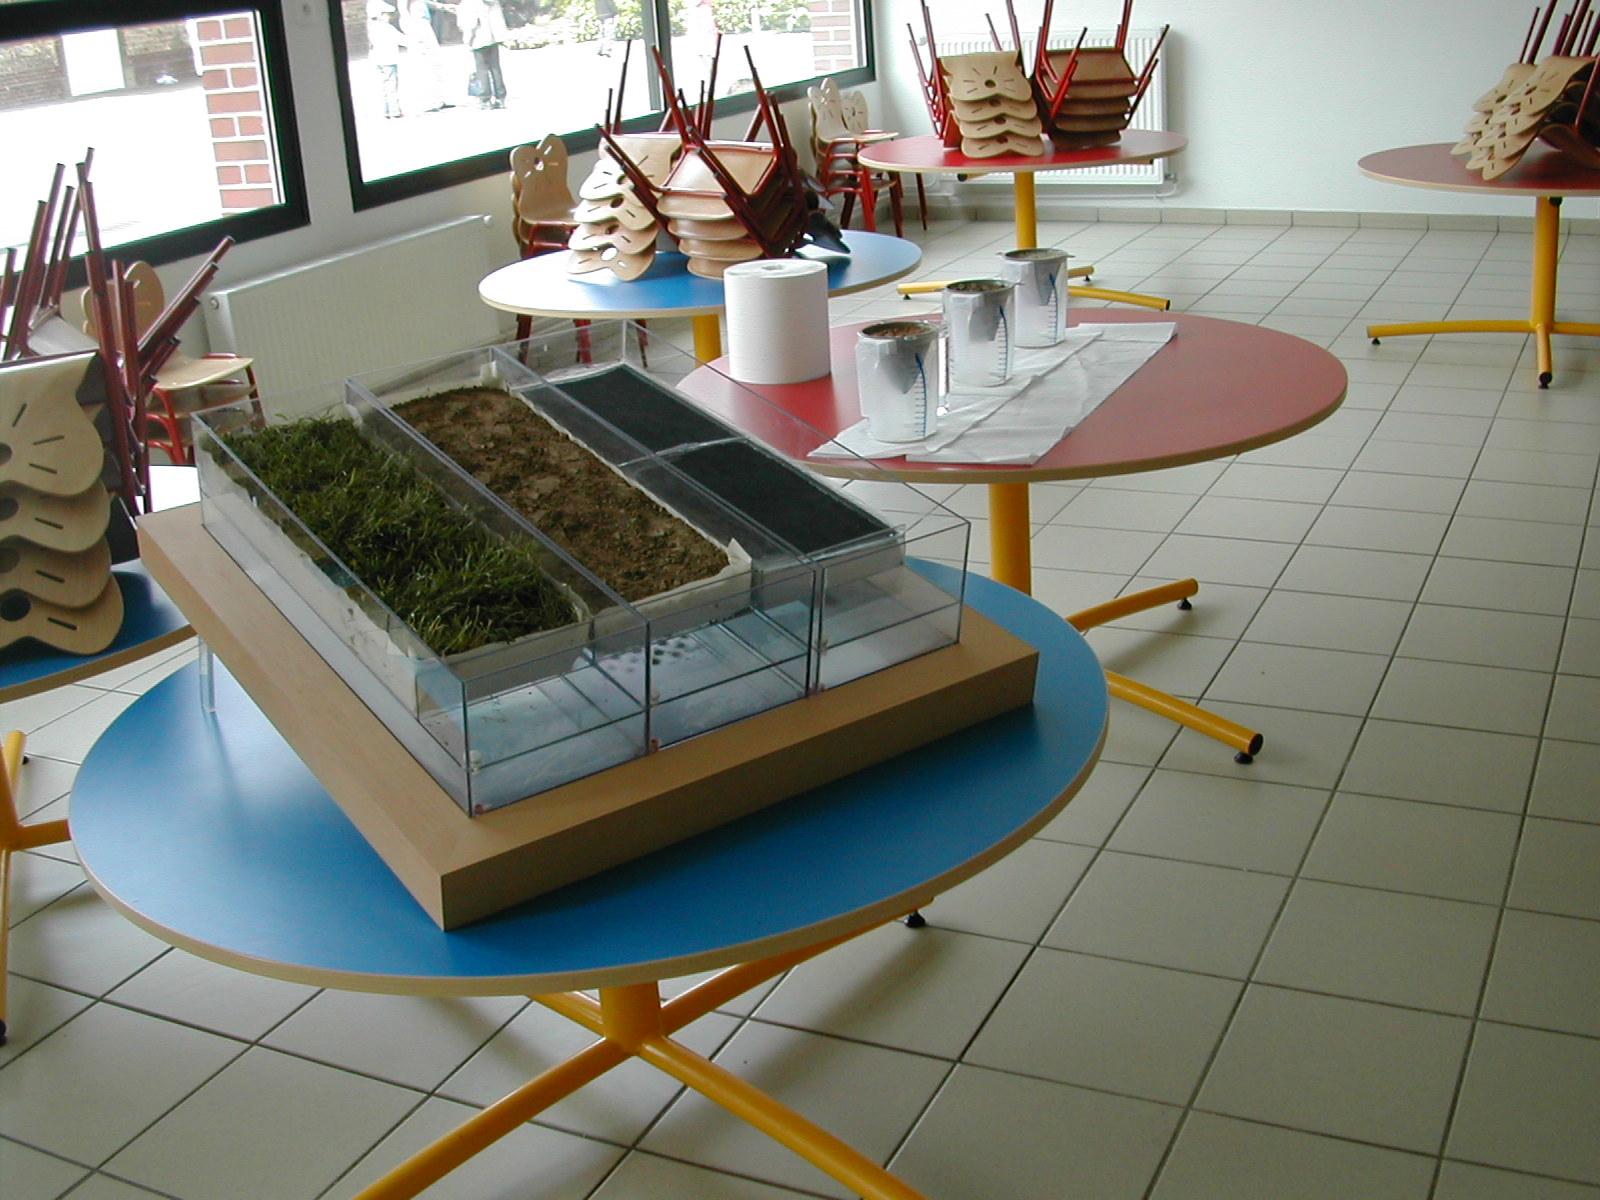 exposition scolaire cycle de l eau ruissellements et inondations risques. Black Bedroom Furniture Sets. Home Design Ideas